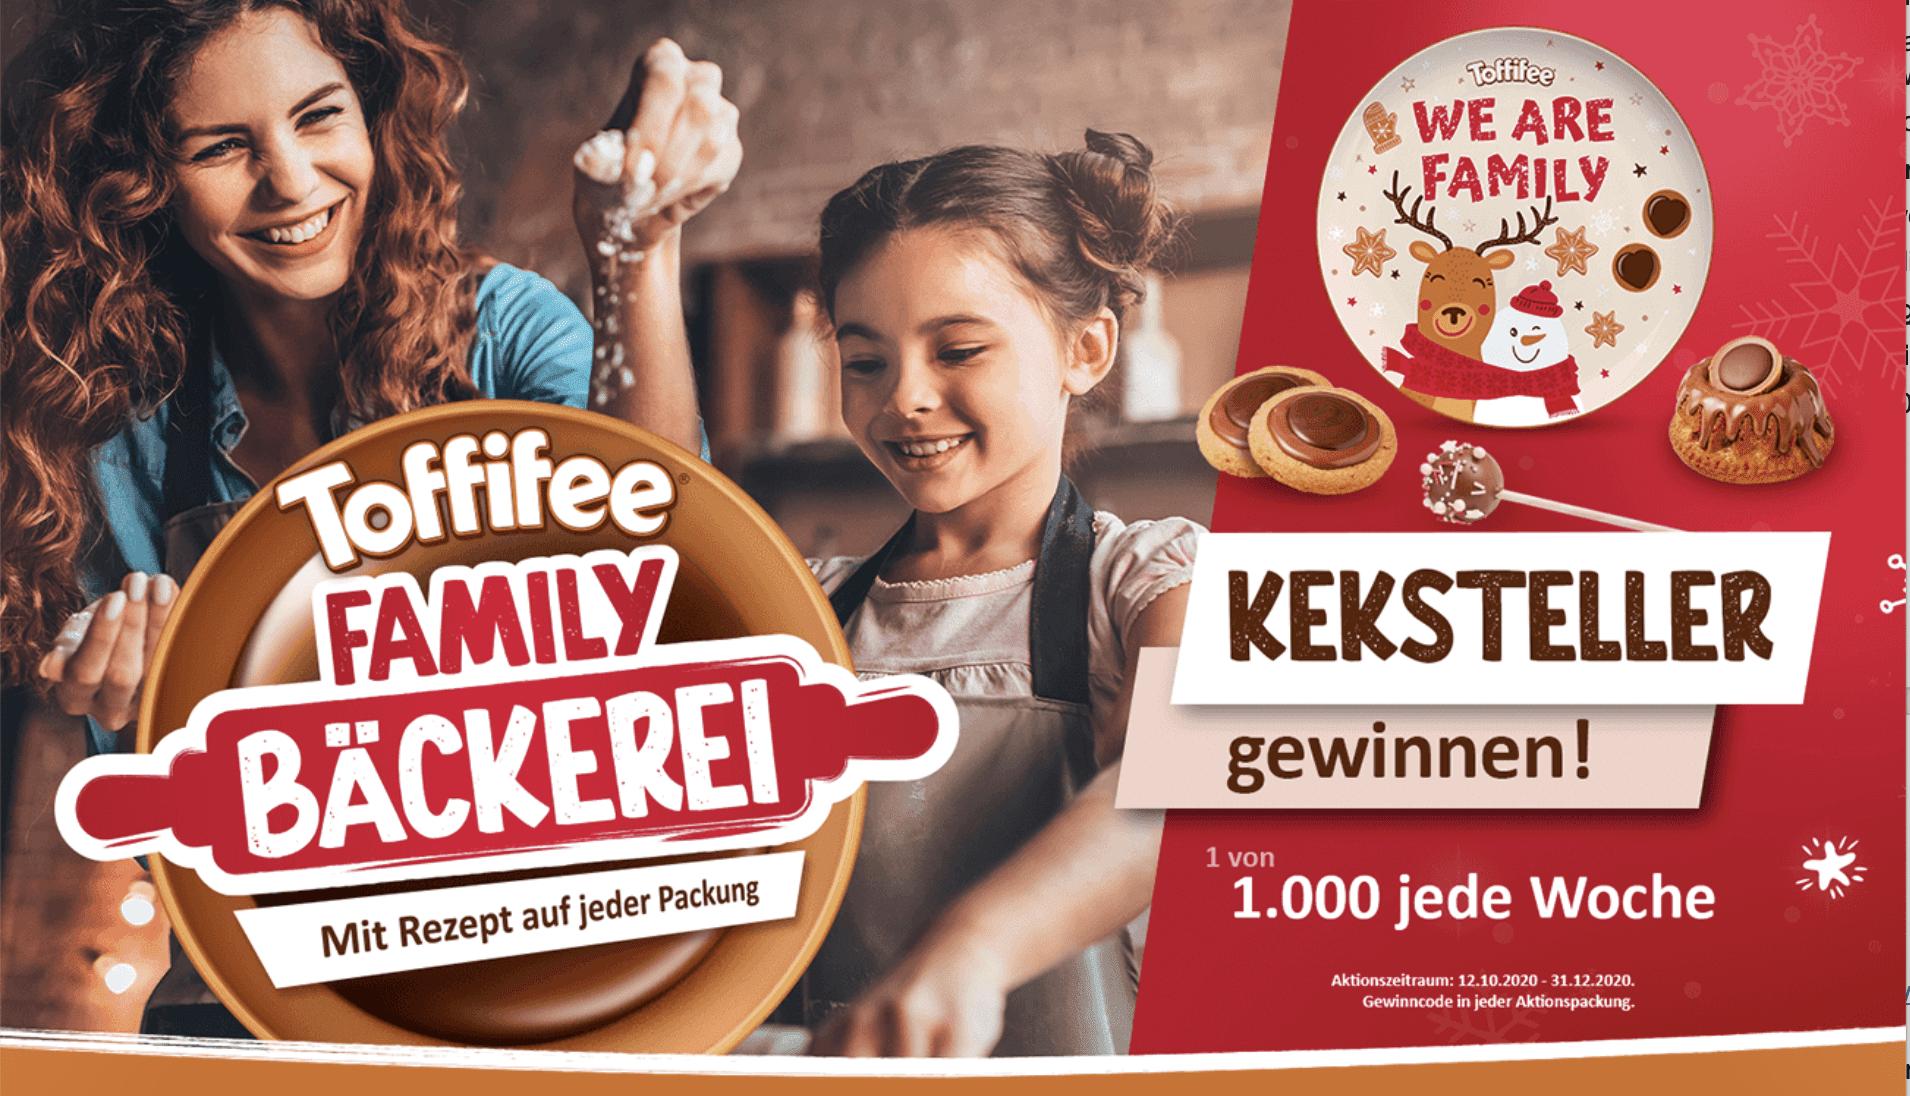 Gewinnspiel- Cases FMCG Süßwaren & Snacks Toffifee-Pops